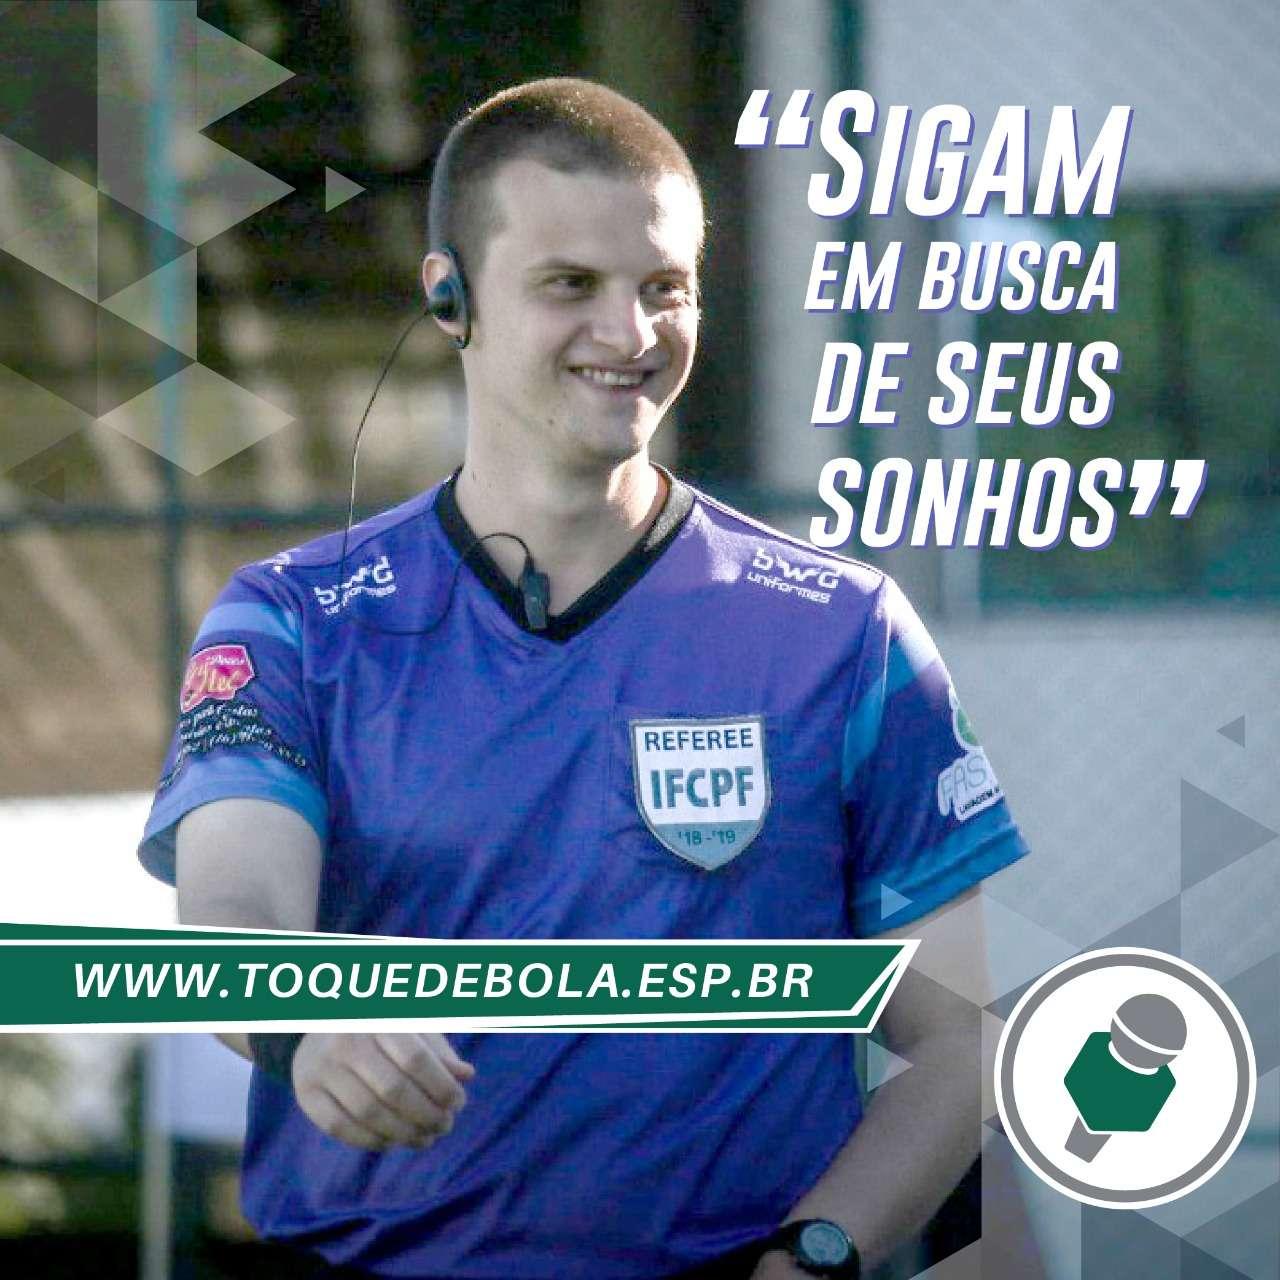 Dia Mundial da Paralisia Cerebral e a importância do esporte para pessoas com deficiência